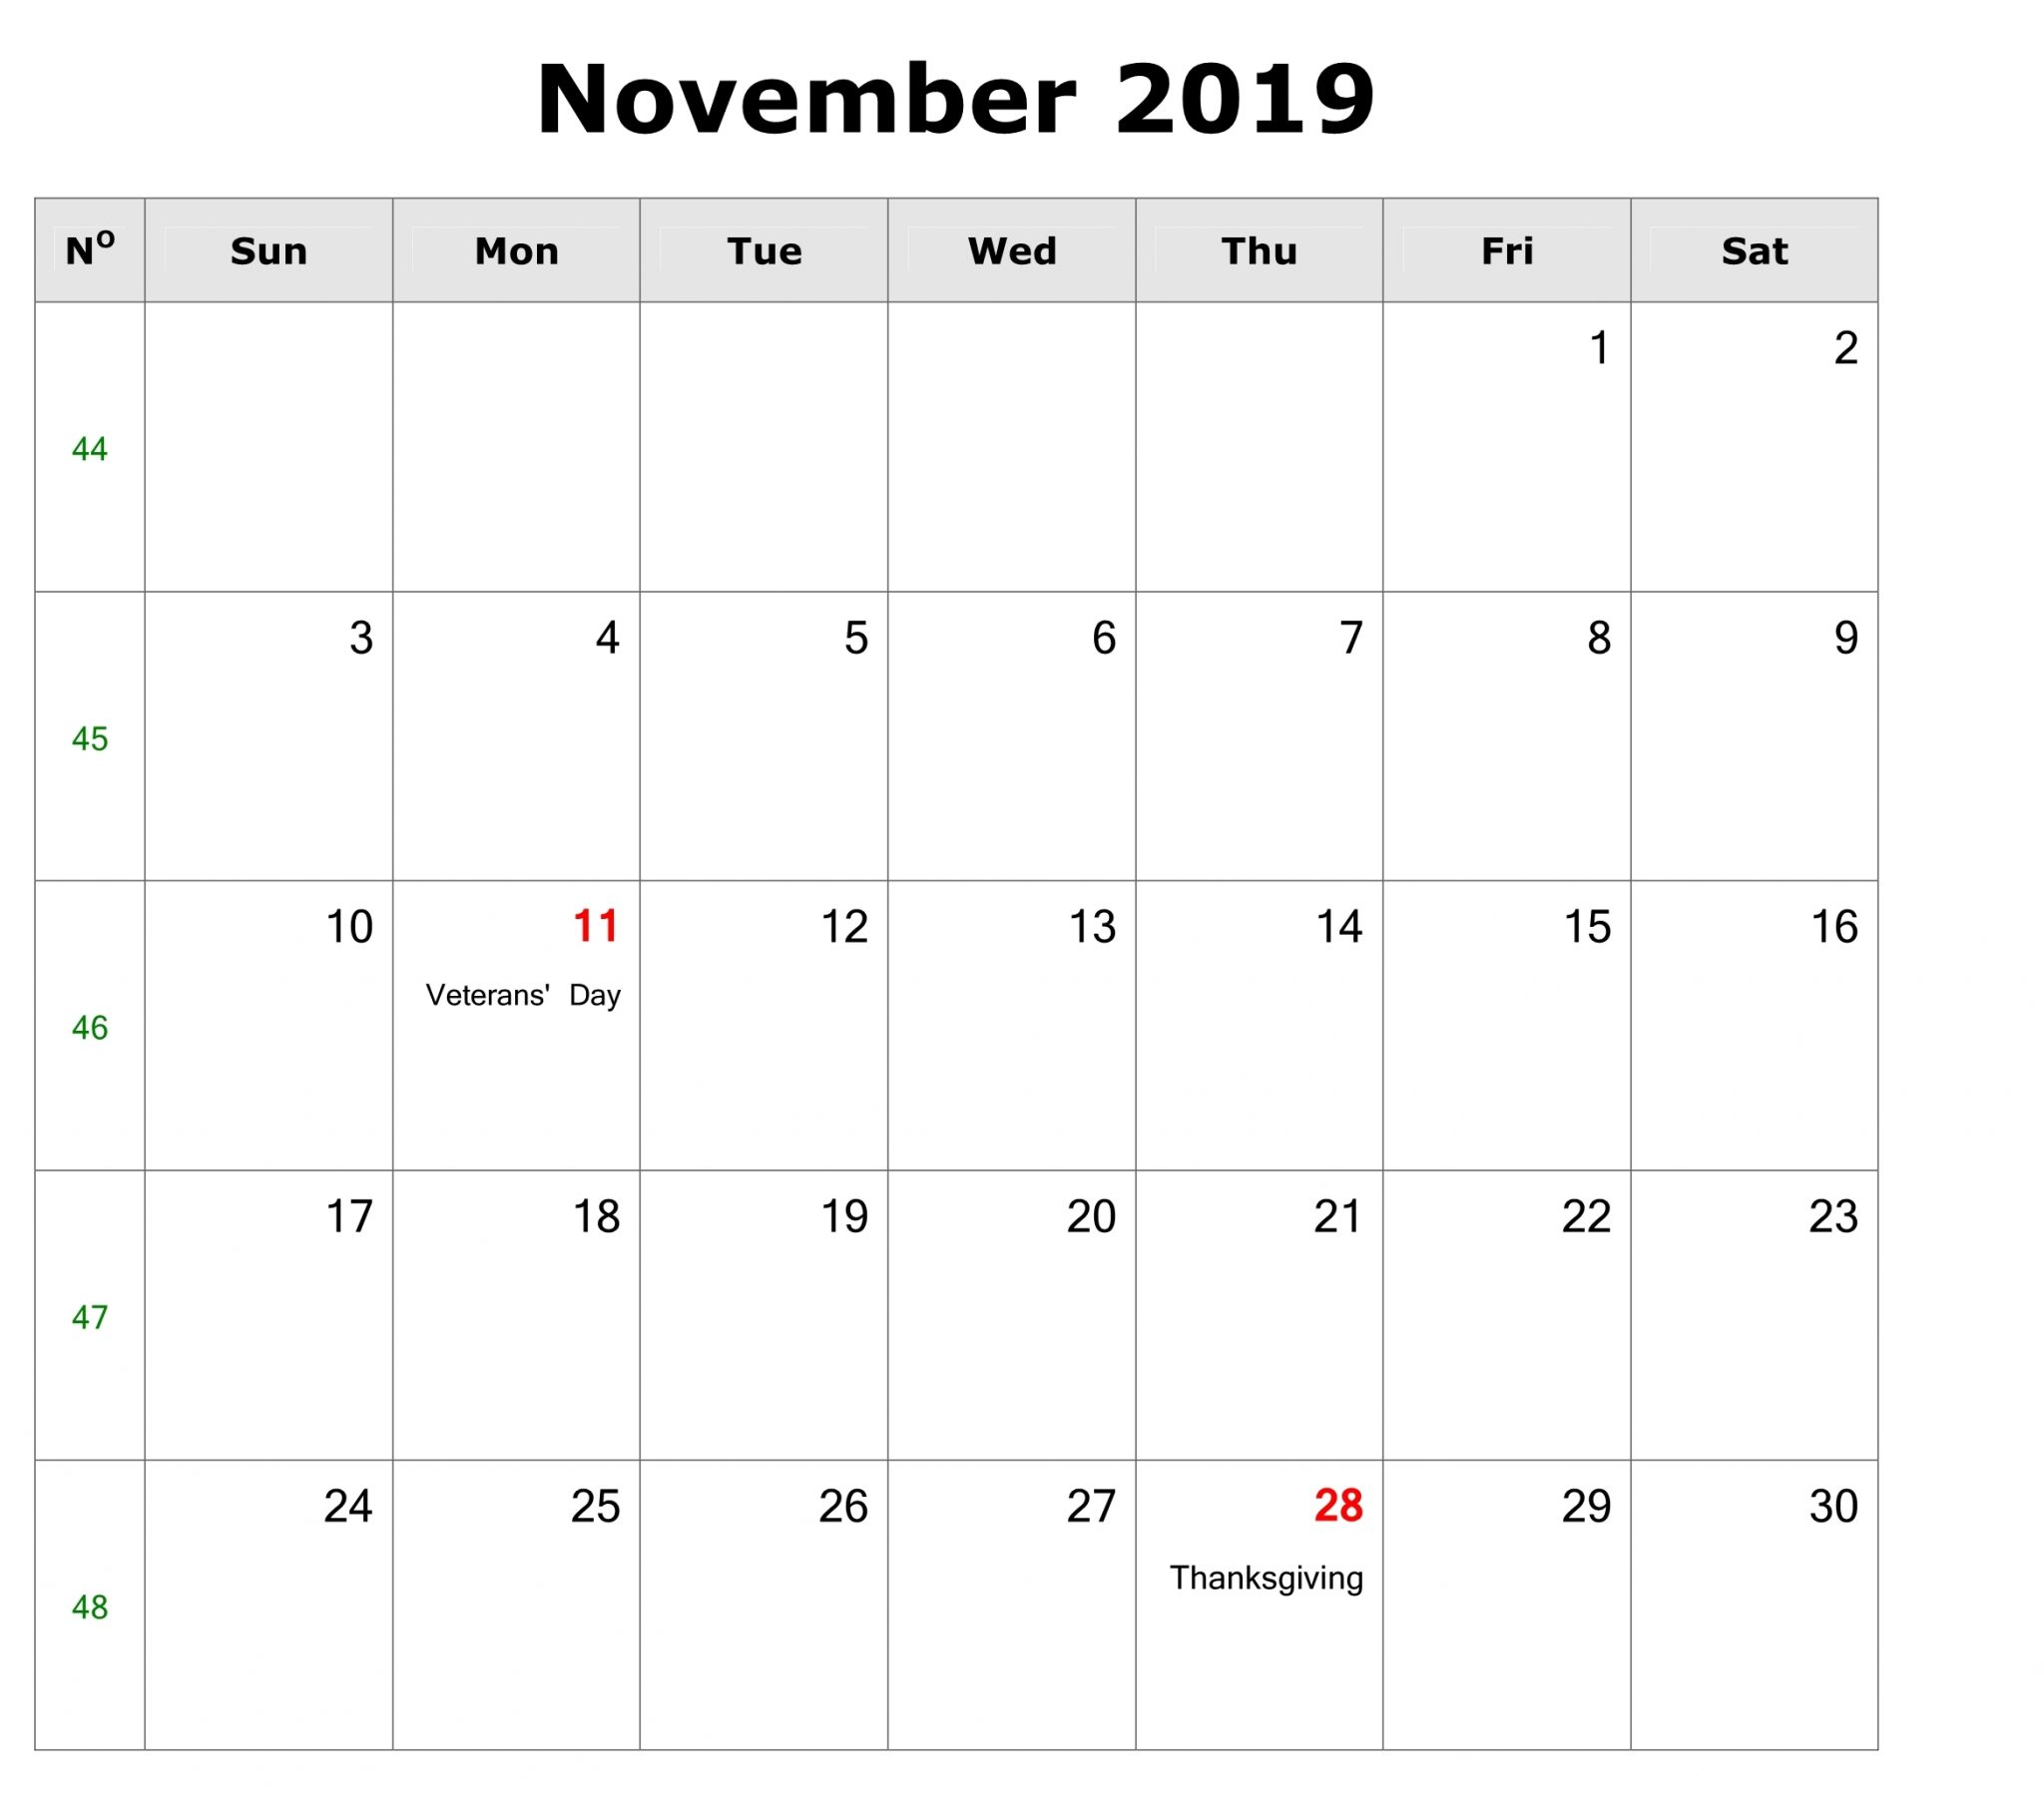 Holidays Calendar for November 2019